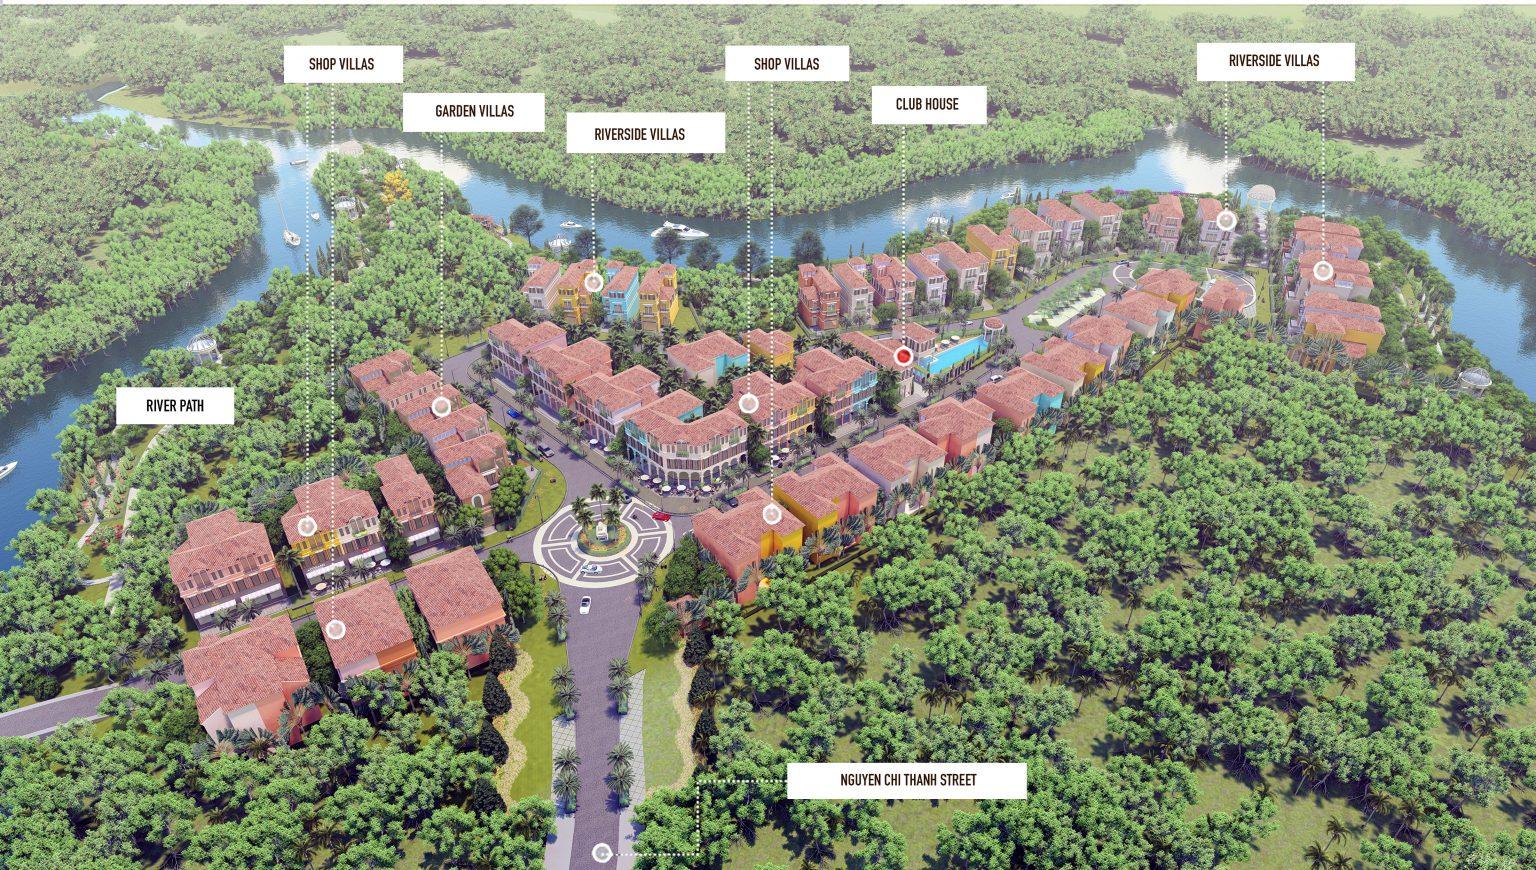 Tổng quan dự án Royal Riverside Villas Phú Quốc